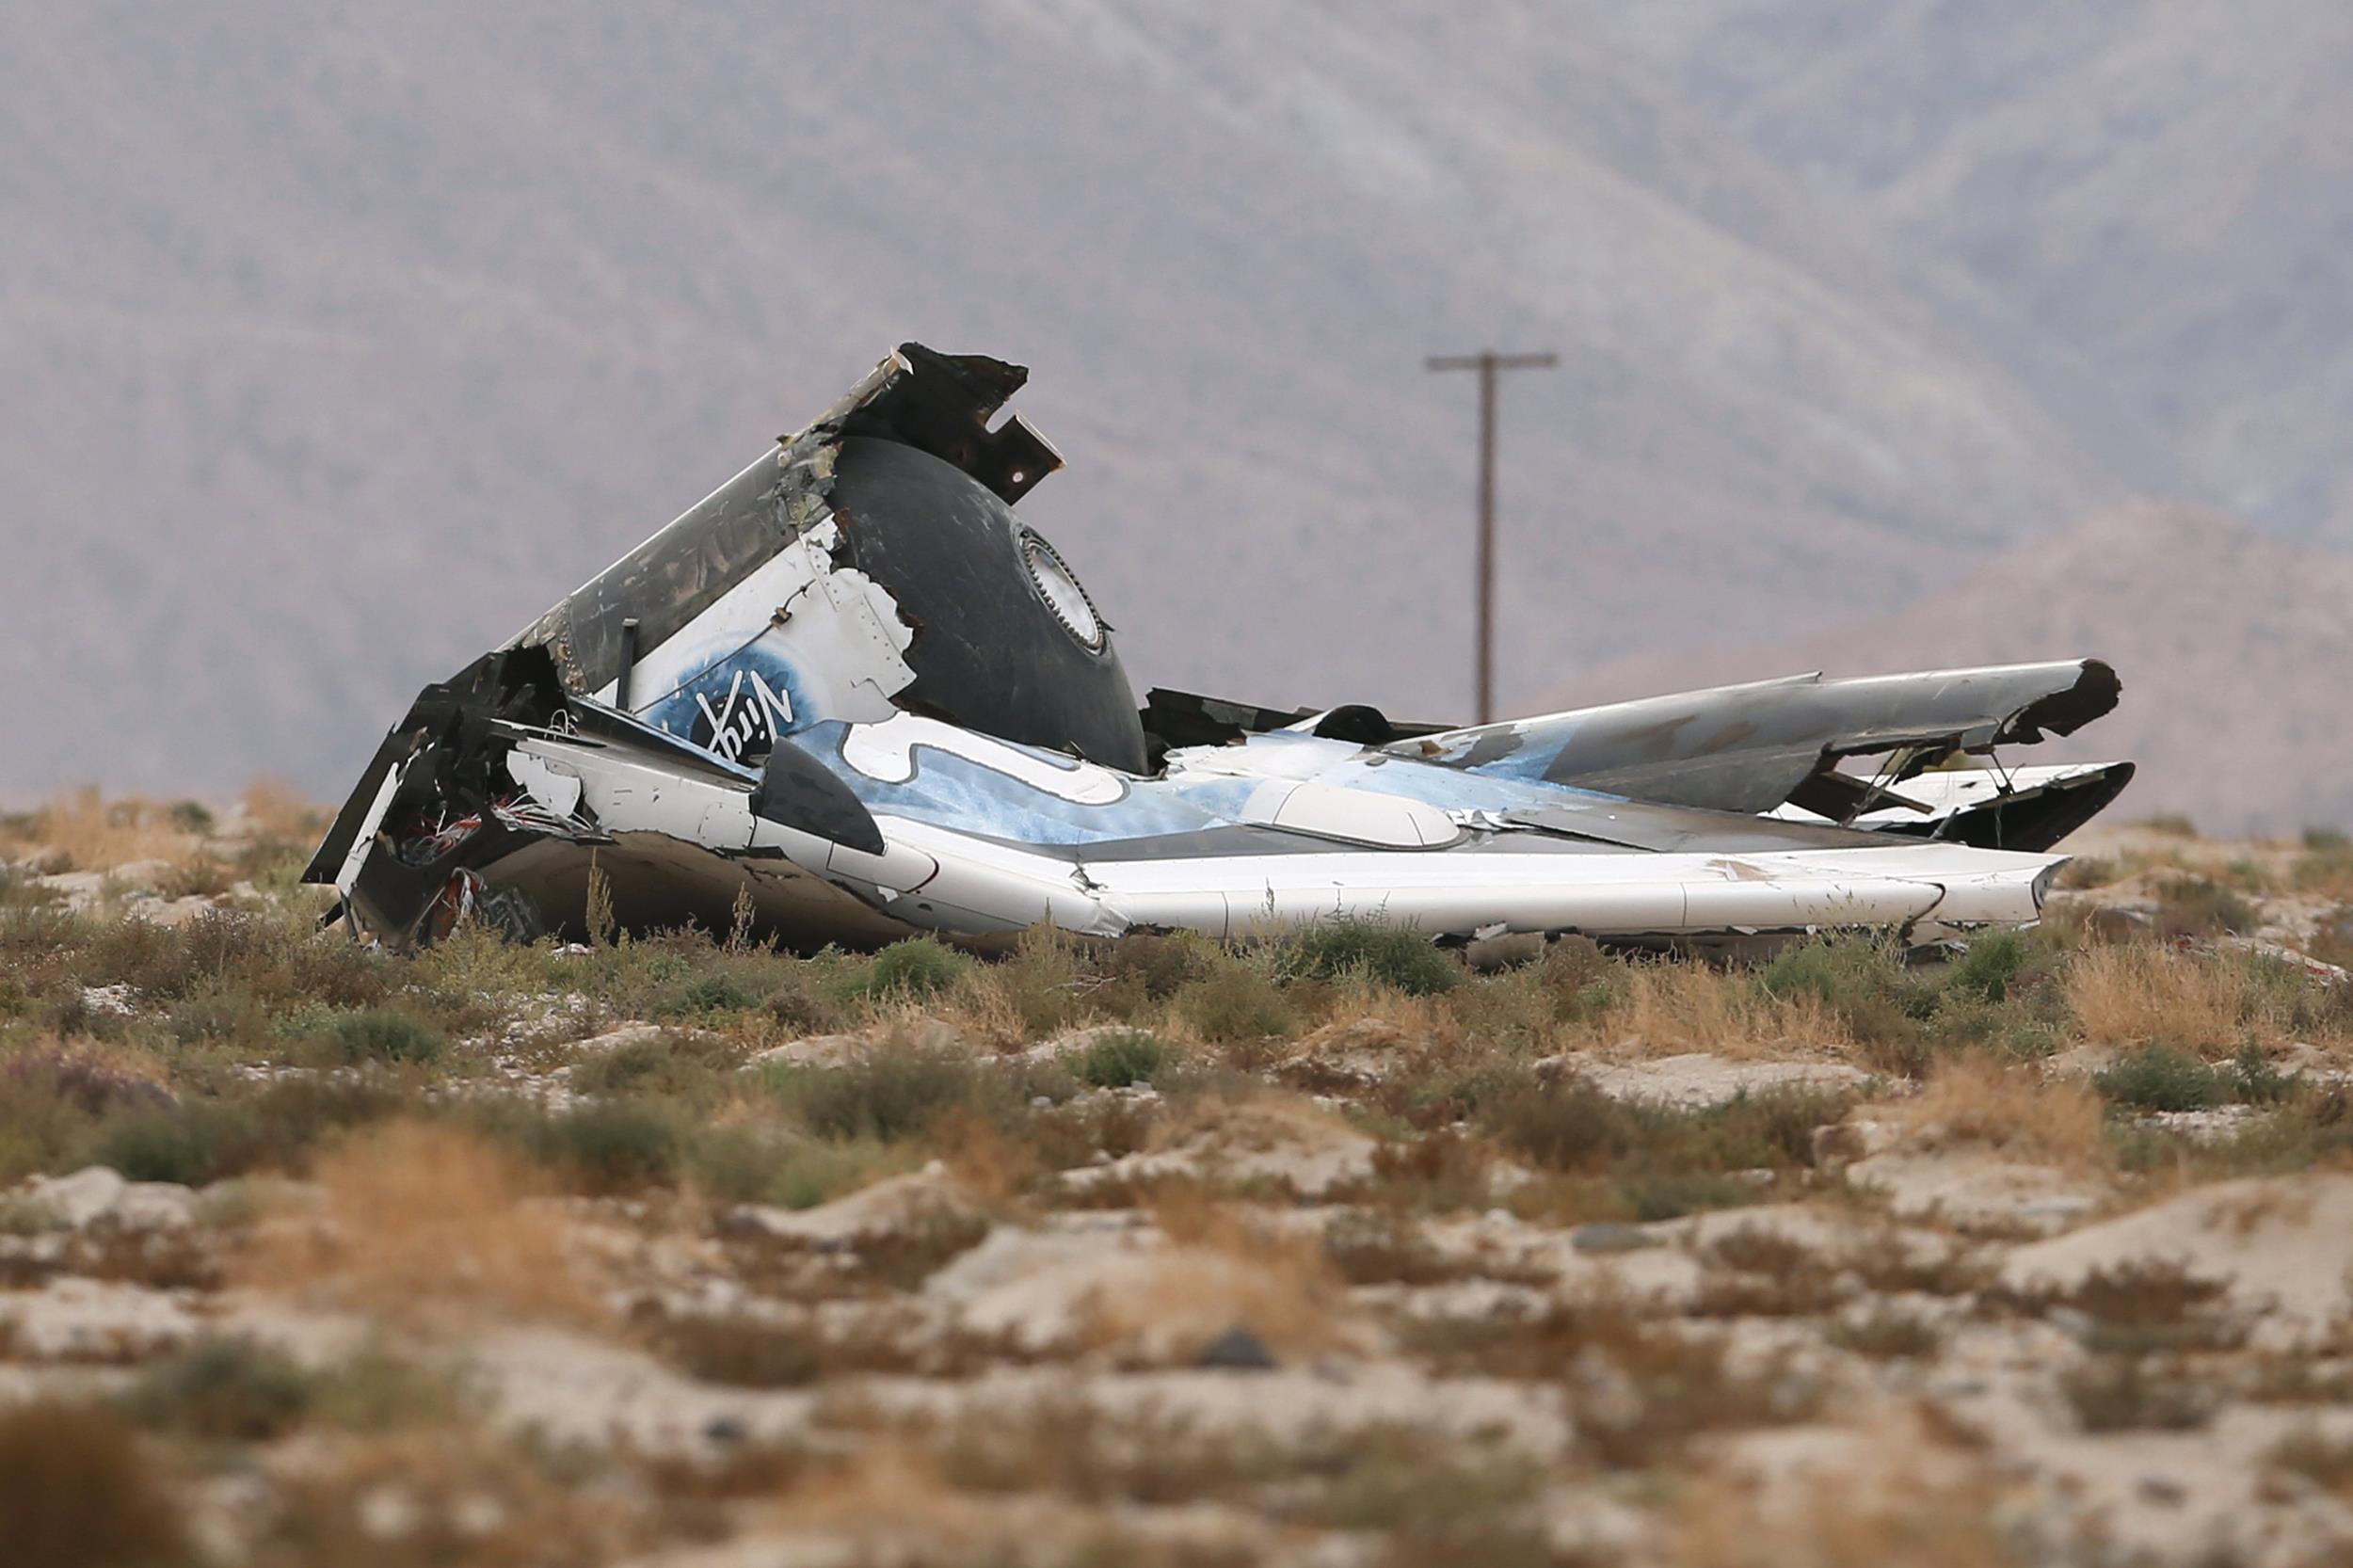 Pilot Injured In Spaceshiptwo Crash 'alert, Talking'  Nbc